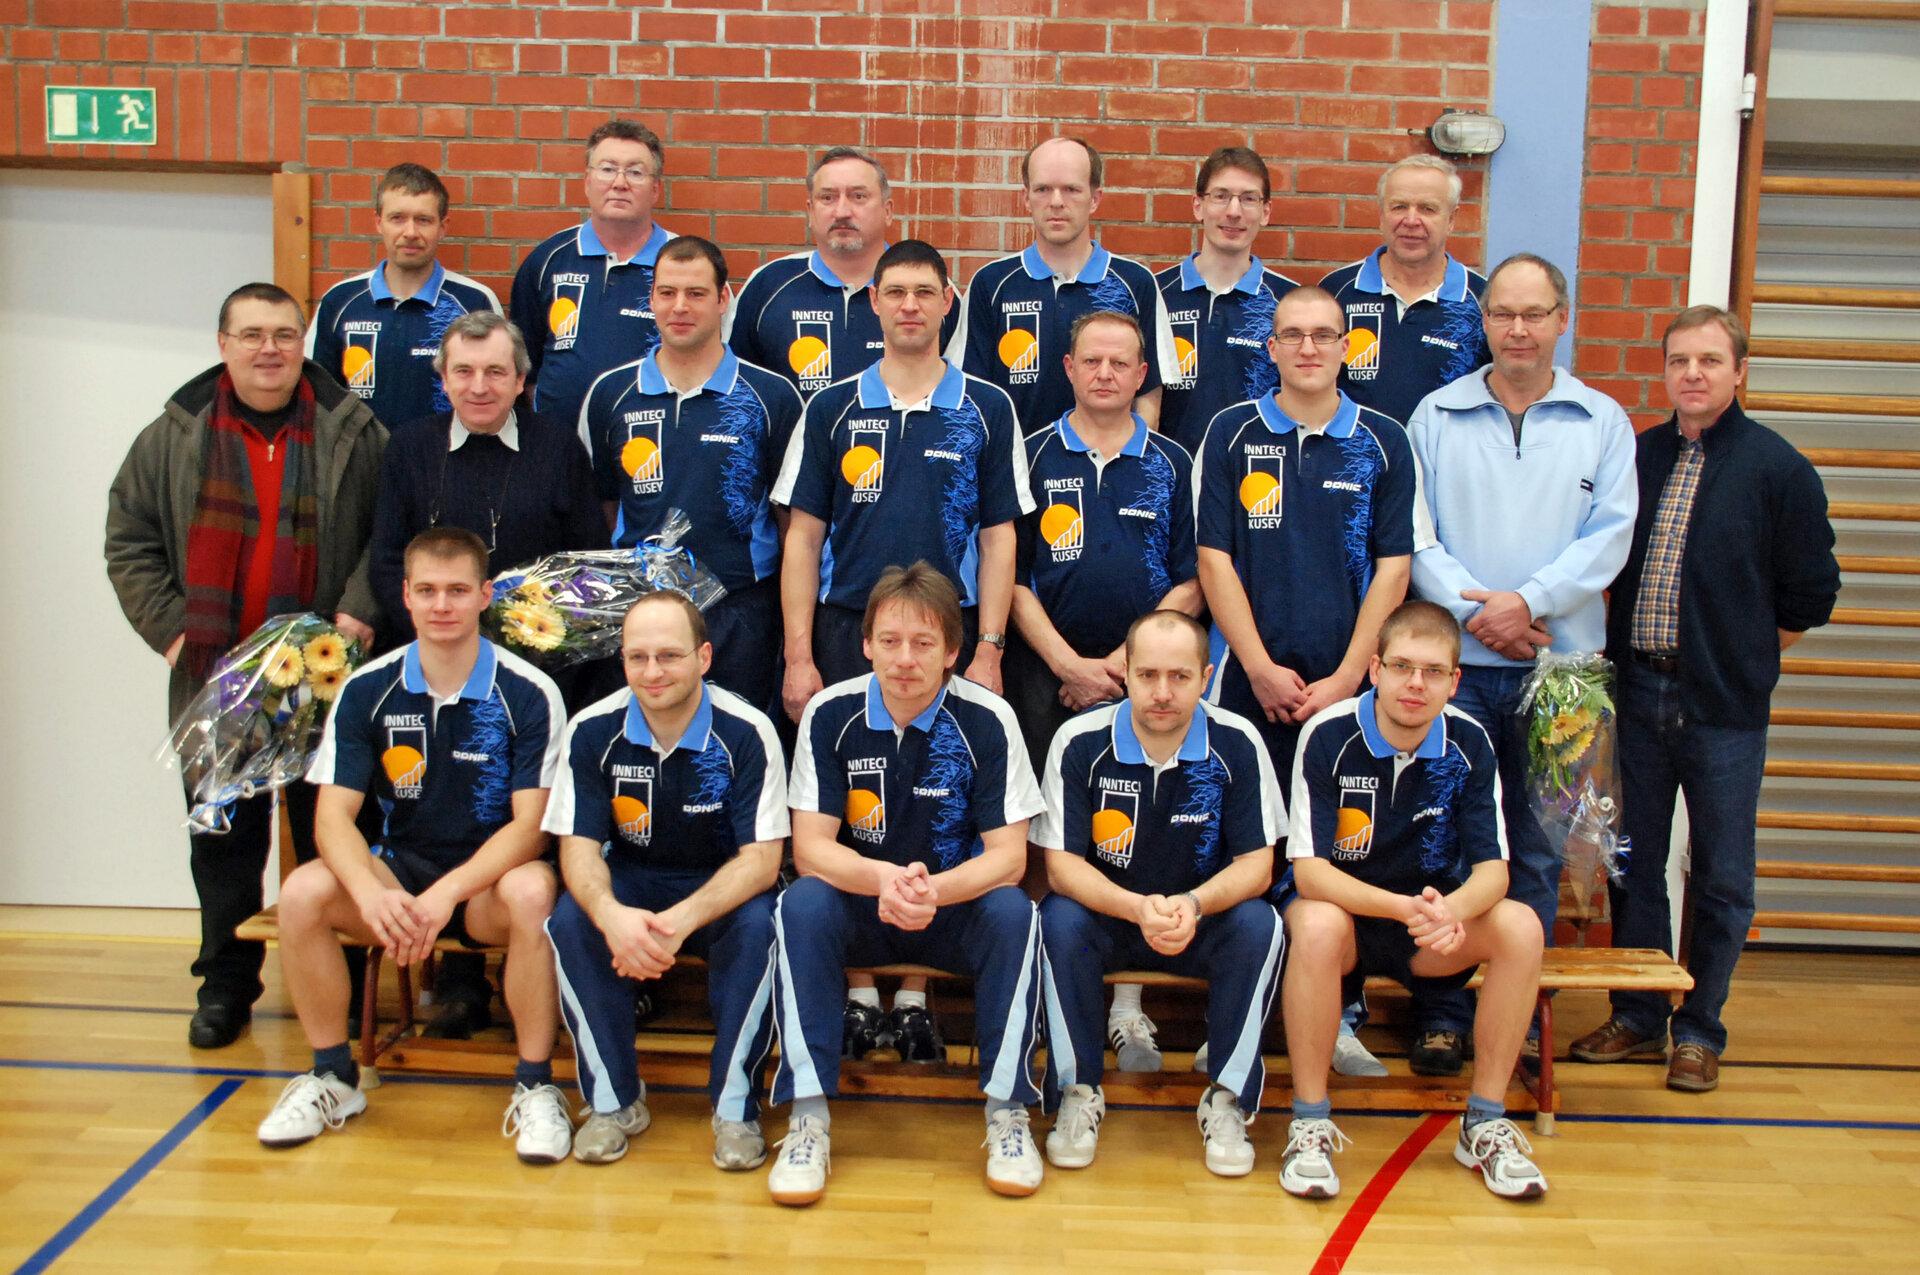 Die Aktiven der Tischtenissparte Ende 2009. Die Mannschaft bedankt sich bei der Firma INTEC Kusey und der Gemeinde Kusey für die Untersützung